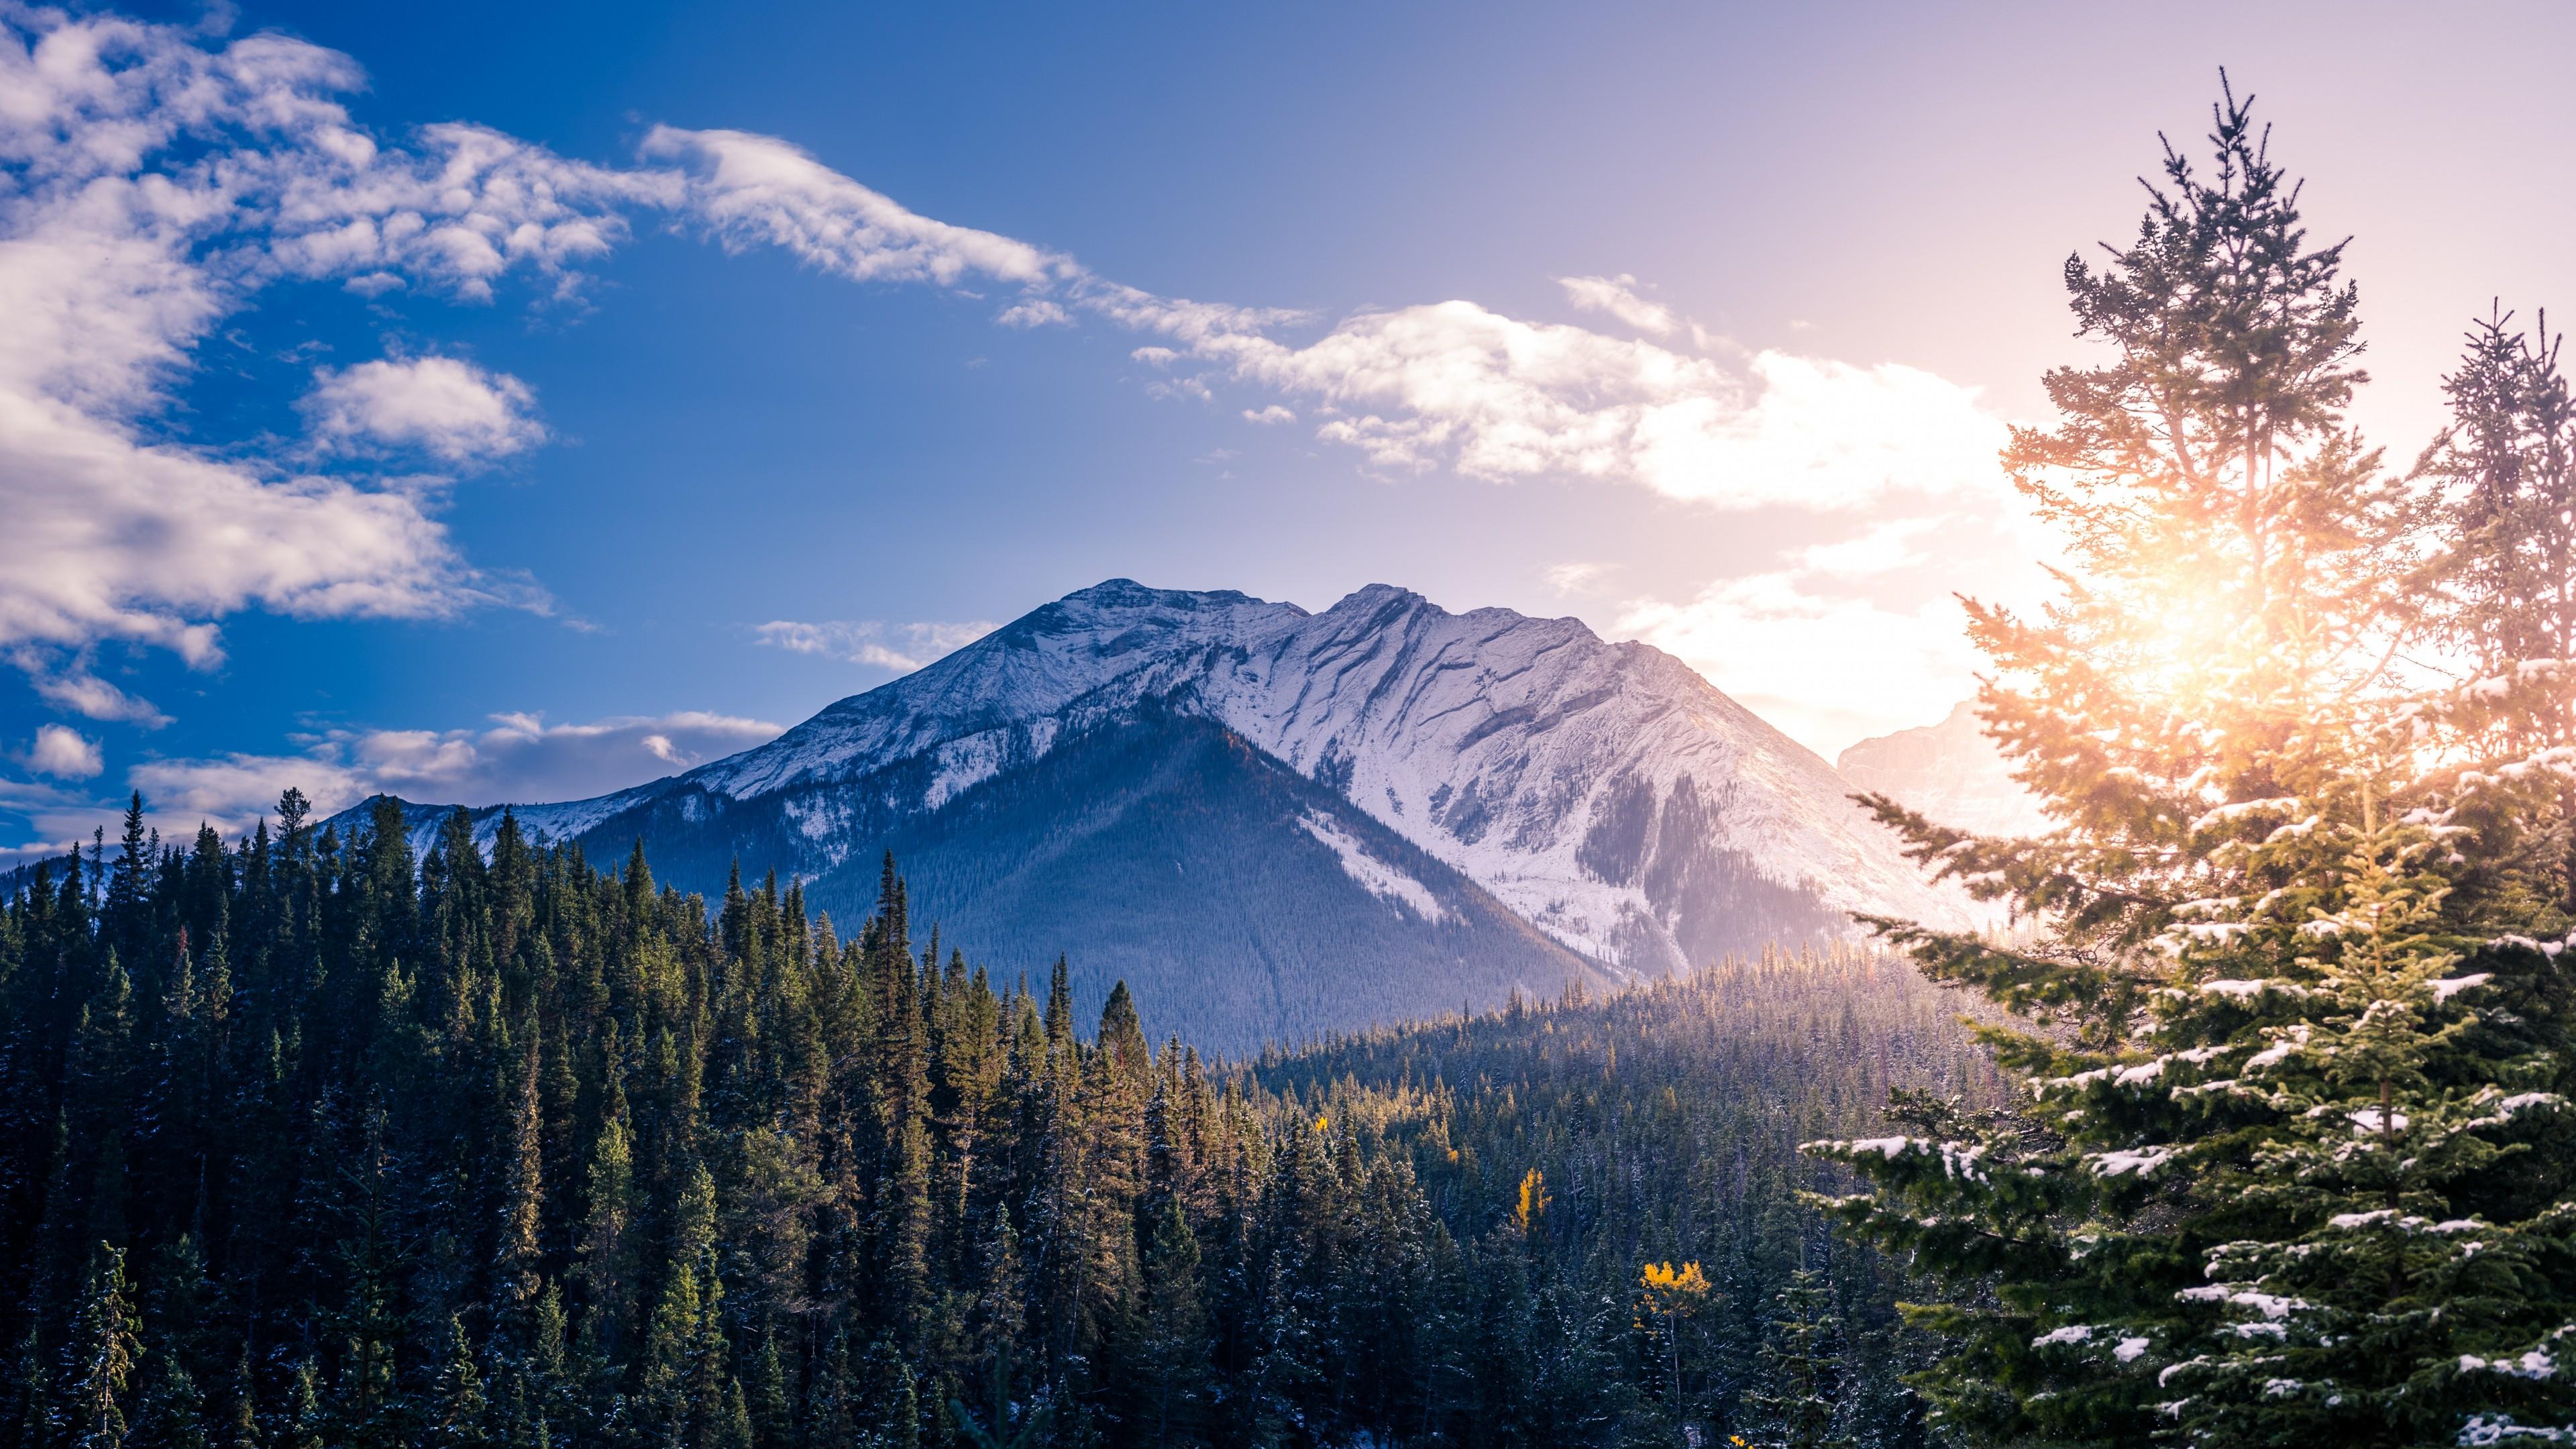 Горные снежные вершины под золотыми облаками заходящего солнца